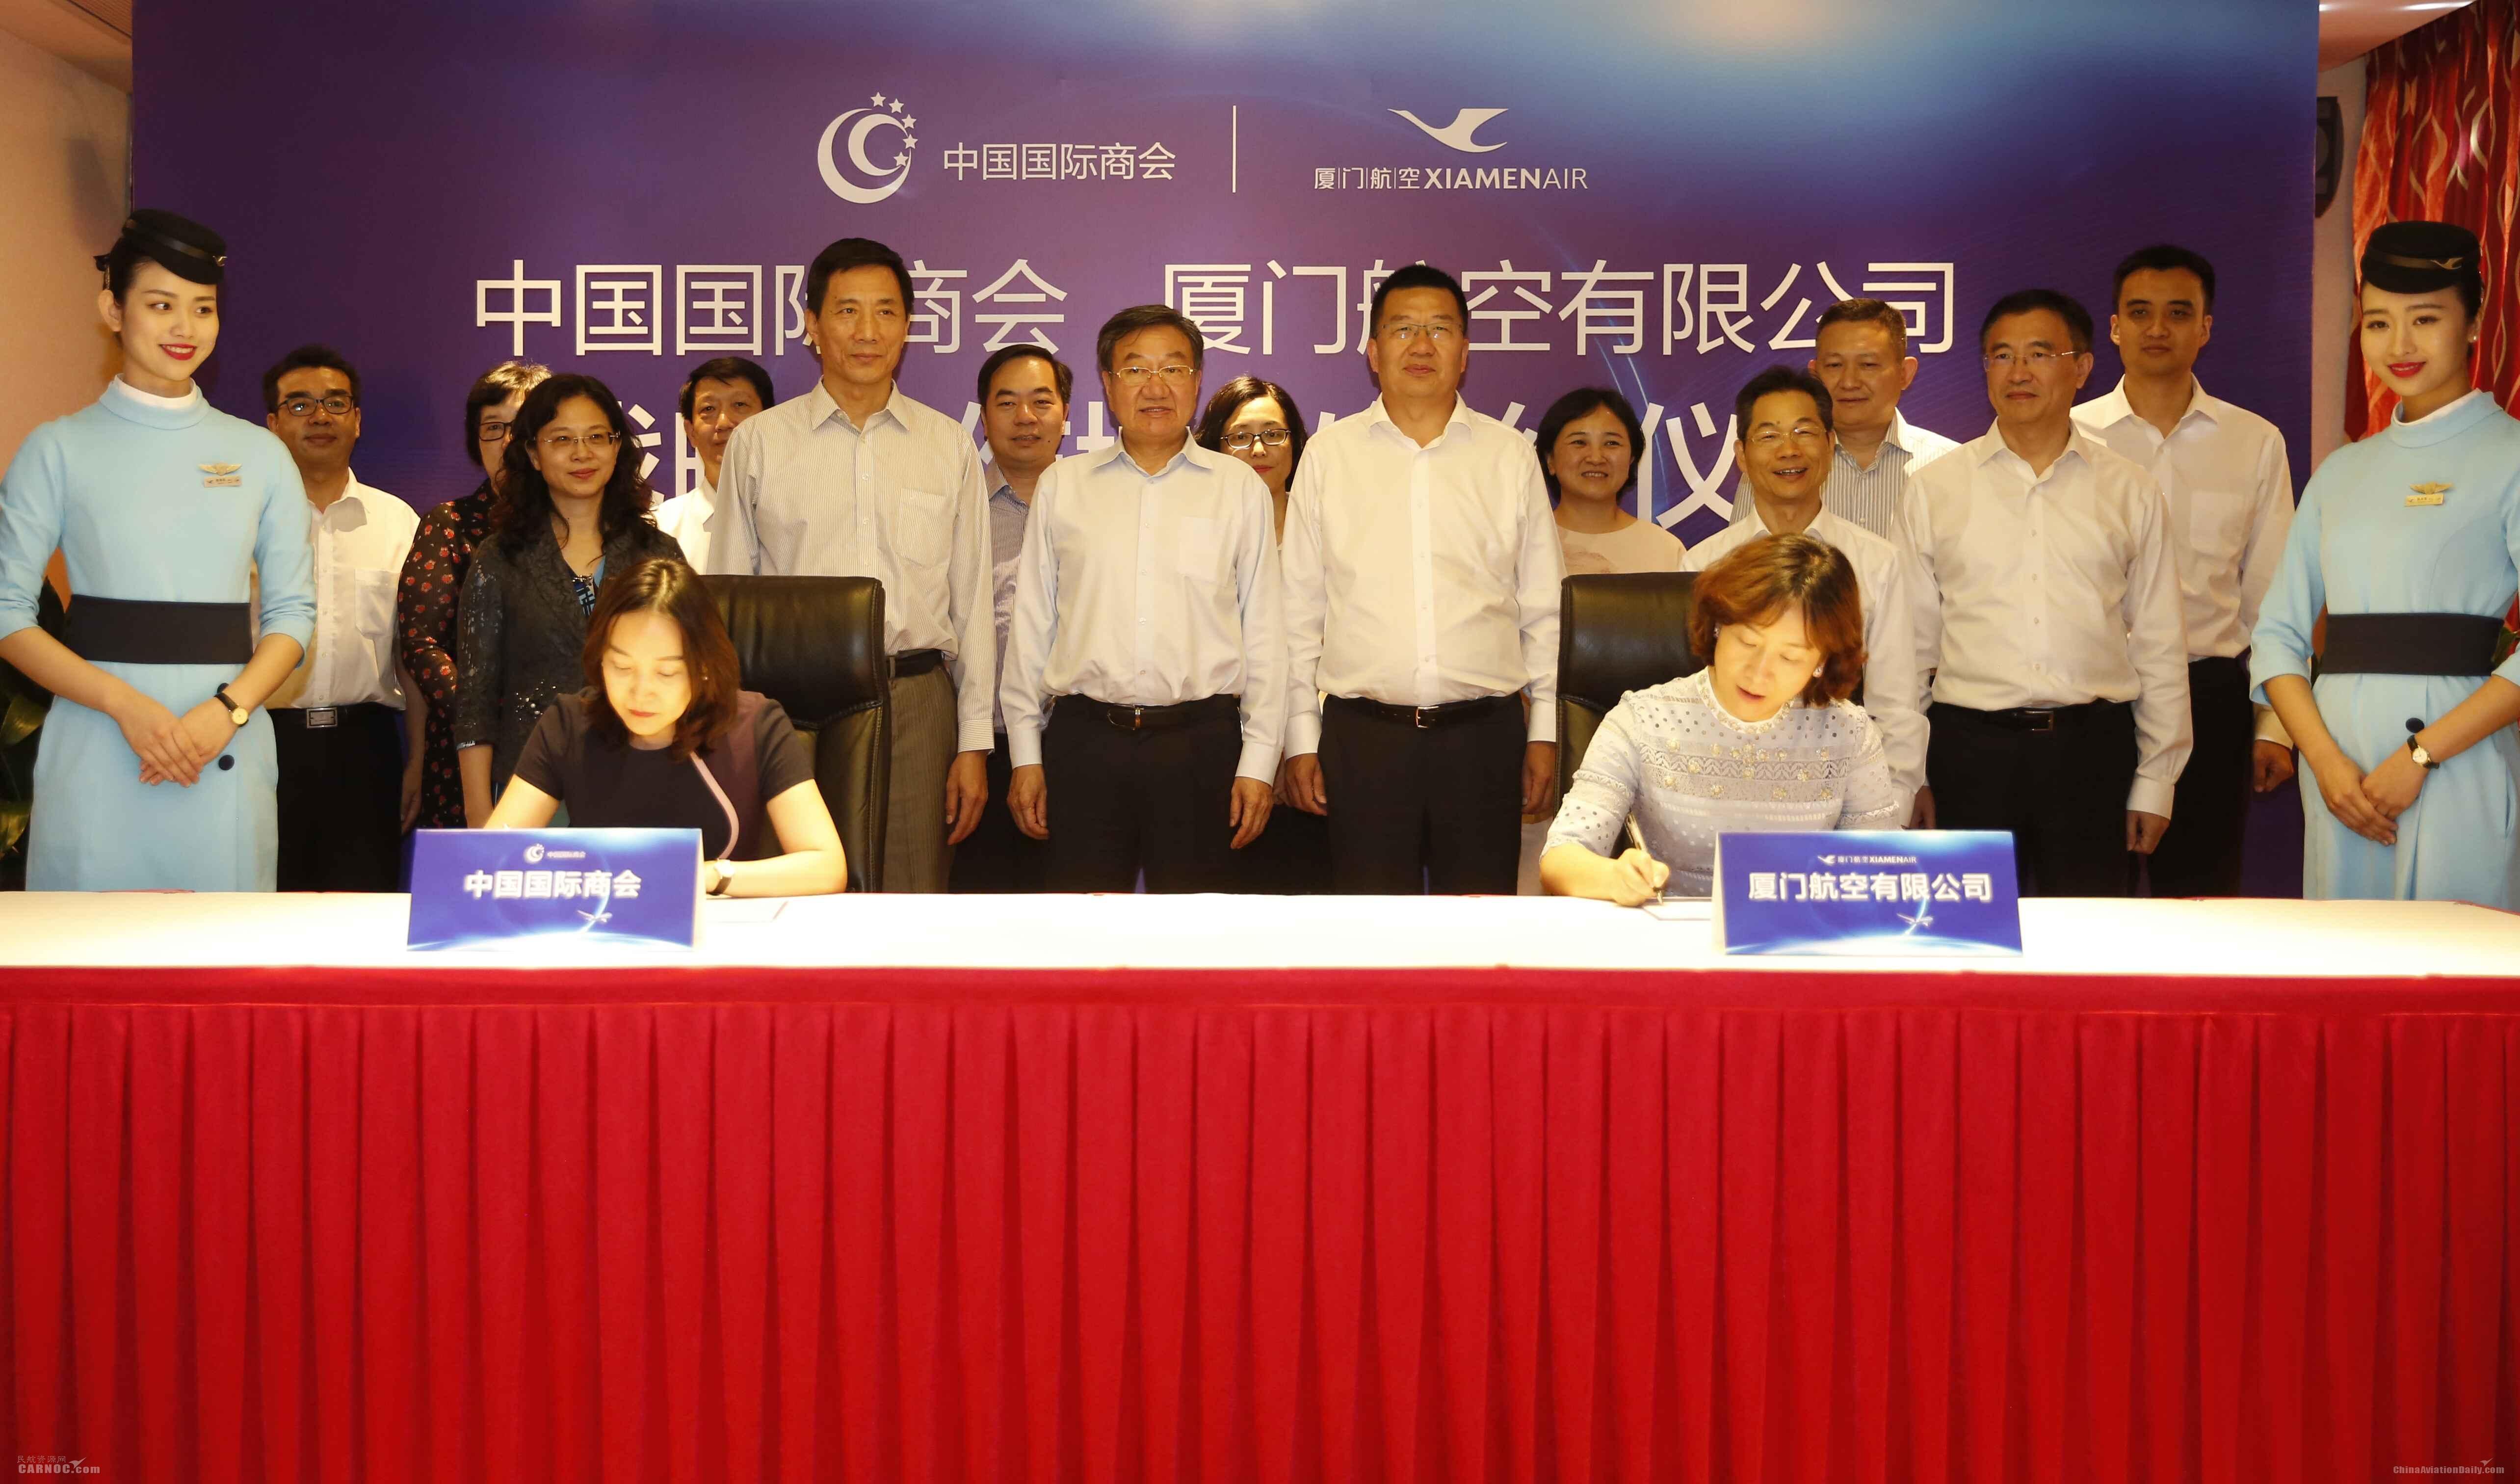 凤凰网:厦门航空与中国国际商会签署战略合作协议